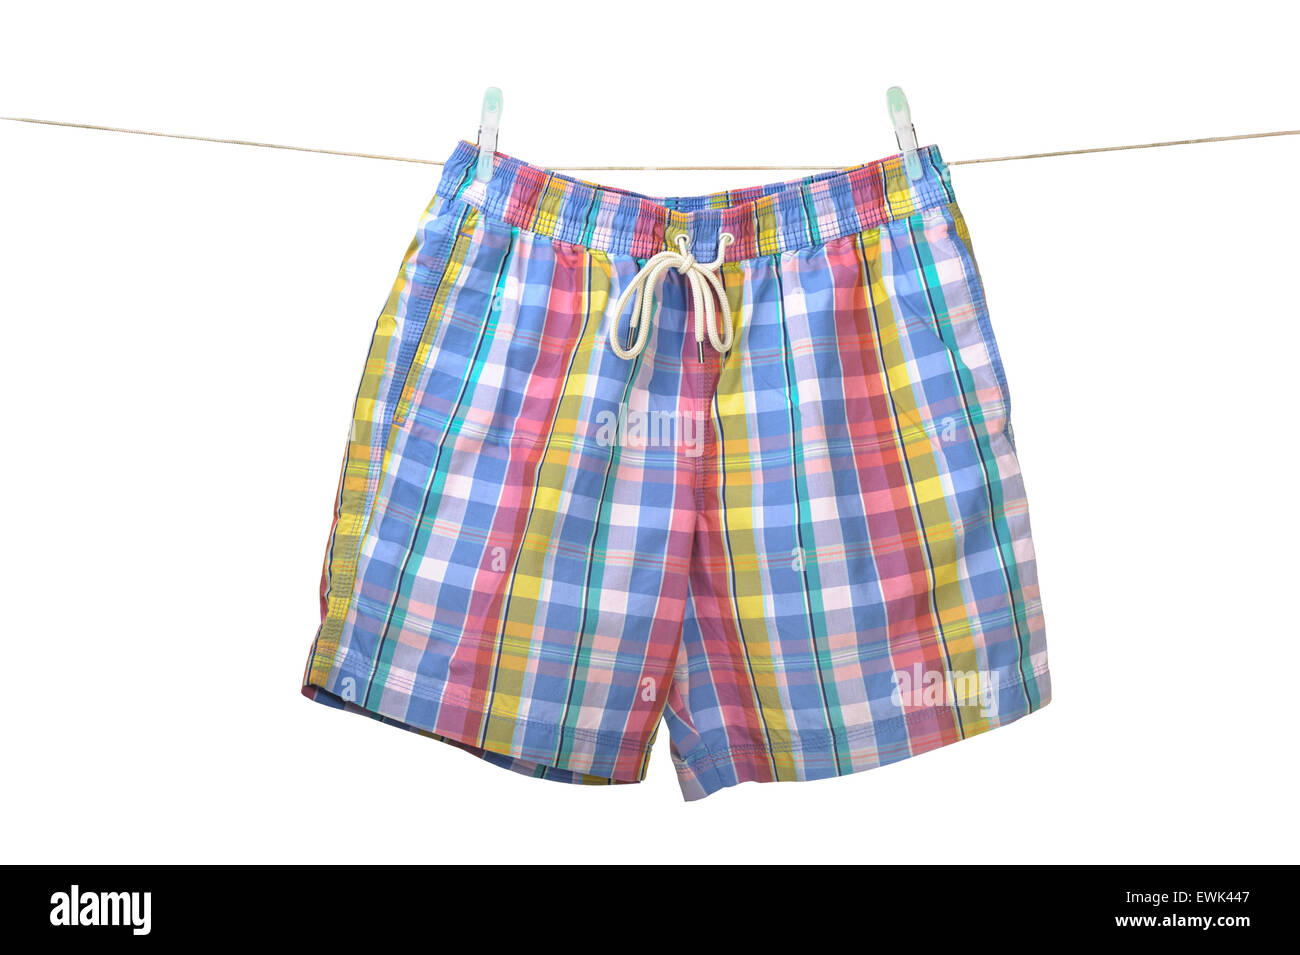 Swim shorts hanging on a washing line. - Stock Image